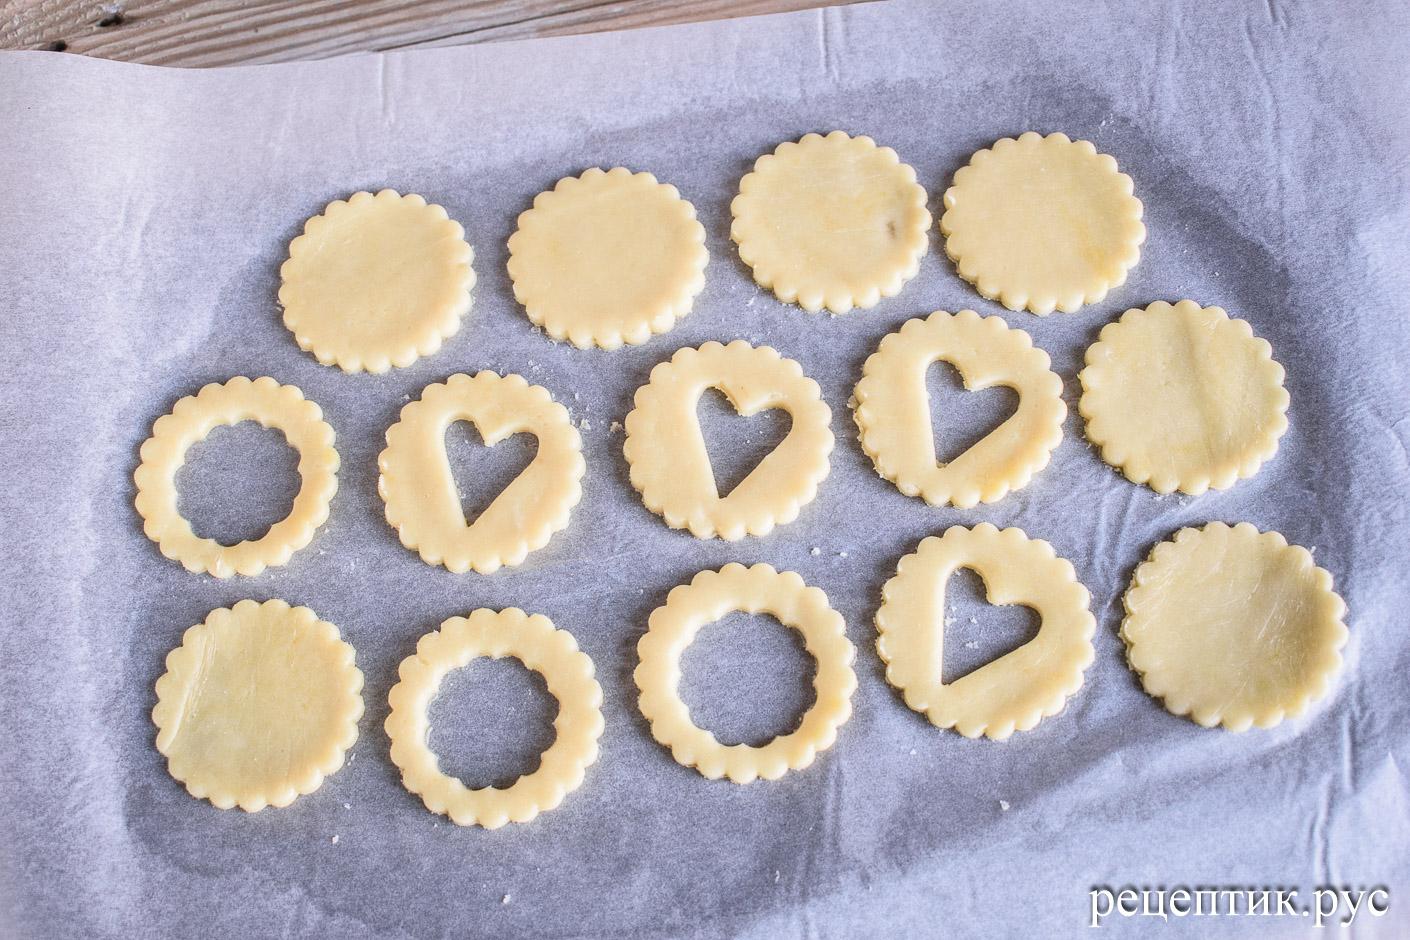 Линцерское печенье - рецепт с фото, шаг 7